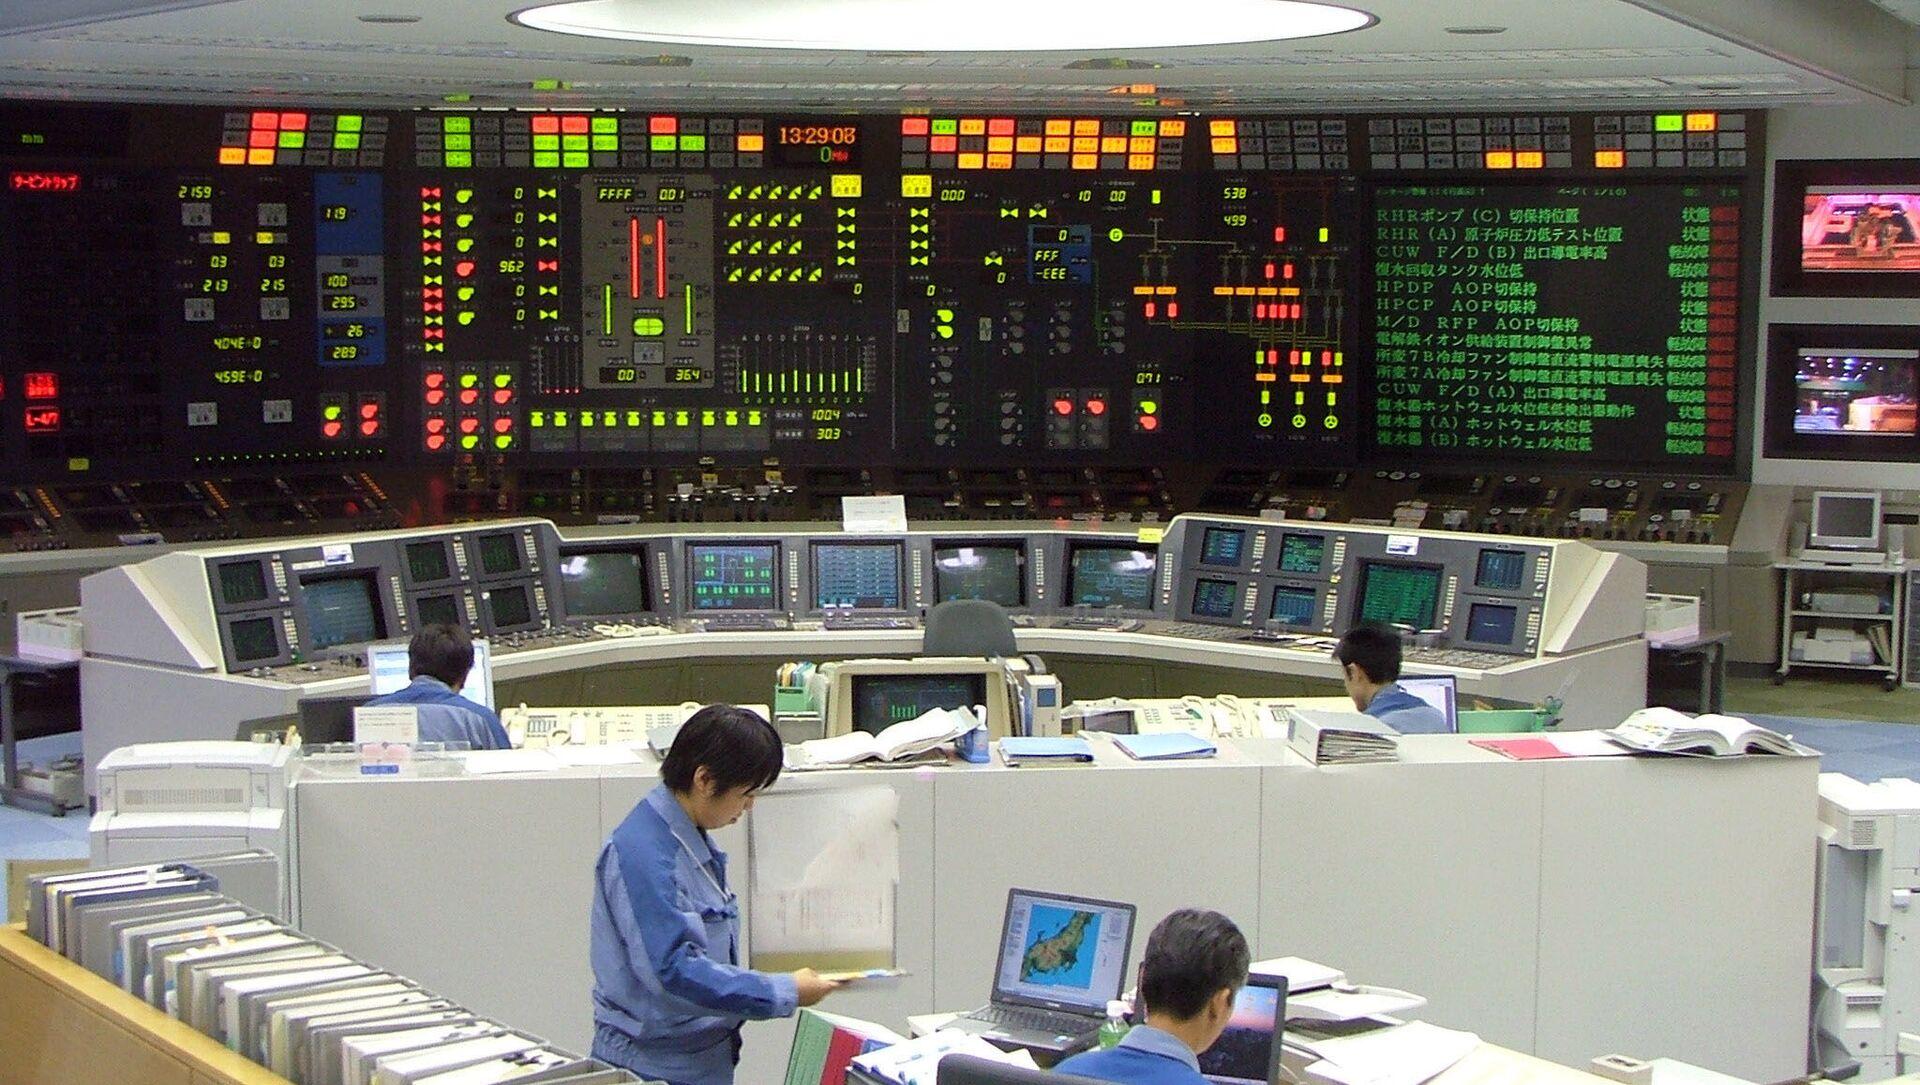 Nhà máy điện hạt nhân Kashiwazaki-Kariwa, Nhật Bản - Sputnik Việt Nam, 1920, 18.03.2021